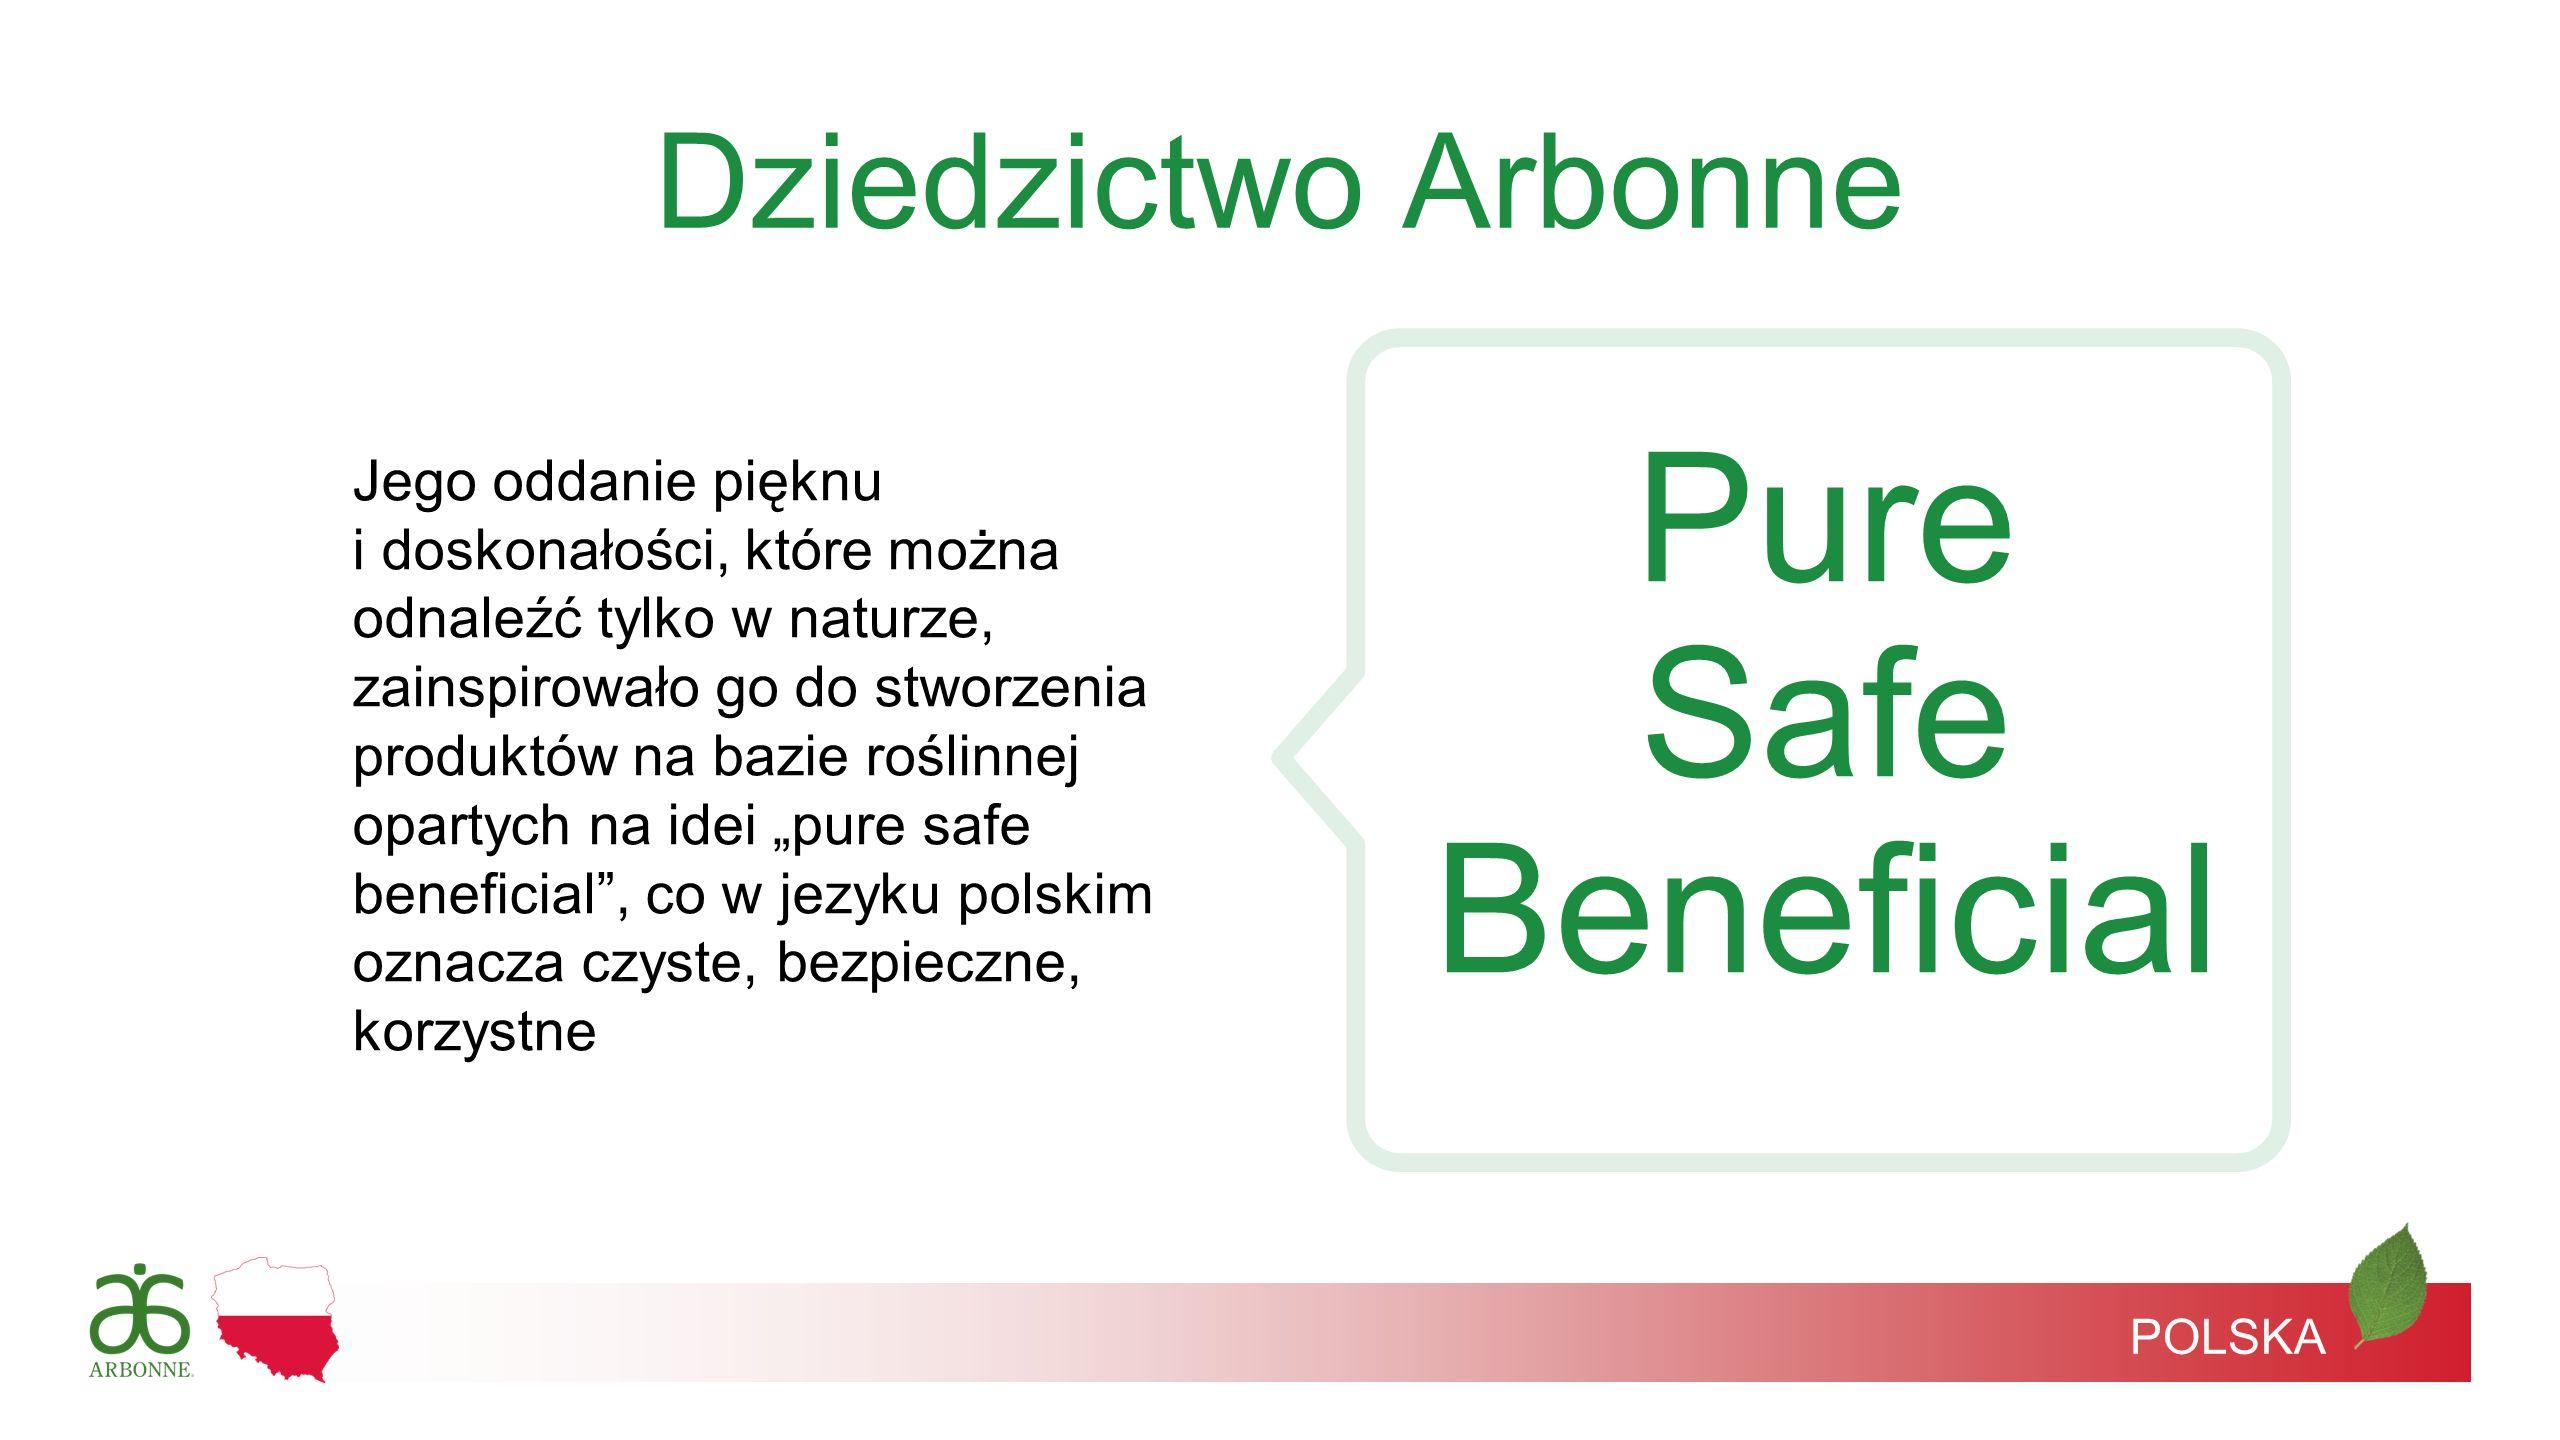 Pure Safe Beneficial Dziedzictwo Arbonne Jego oddanie pięknu